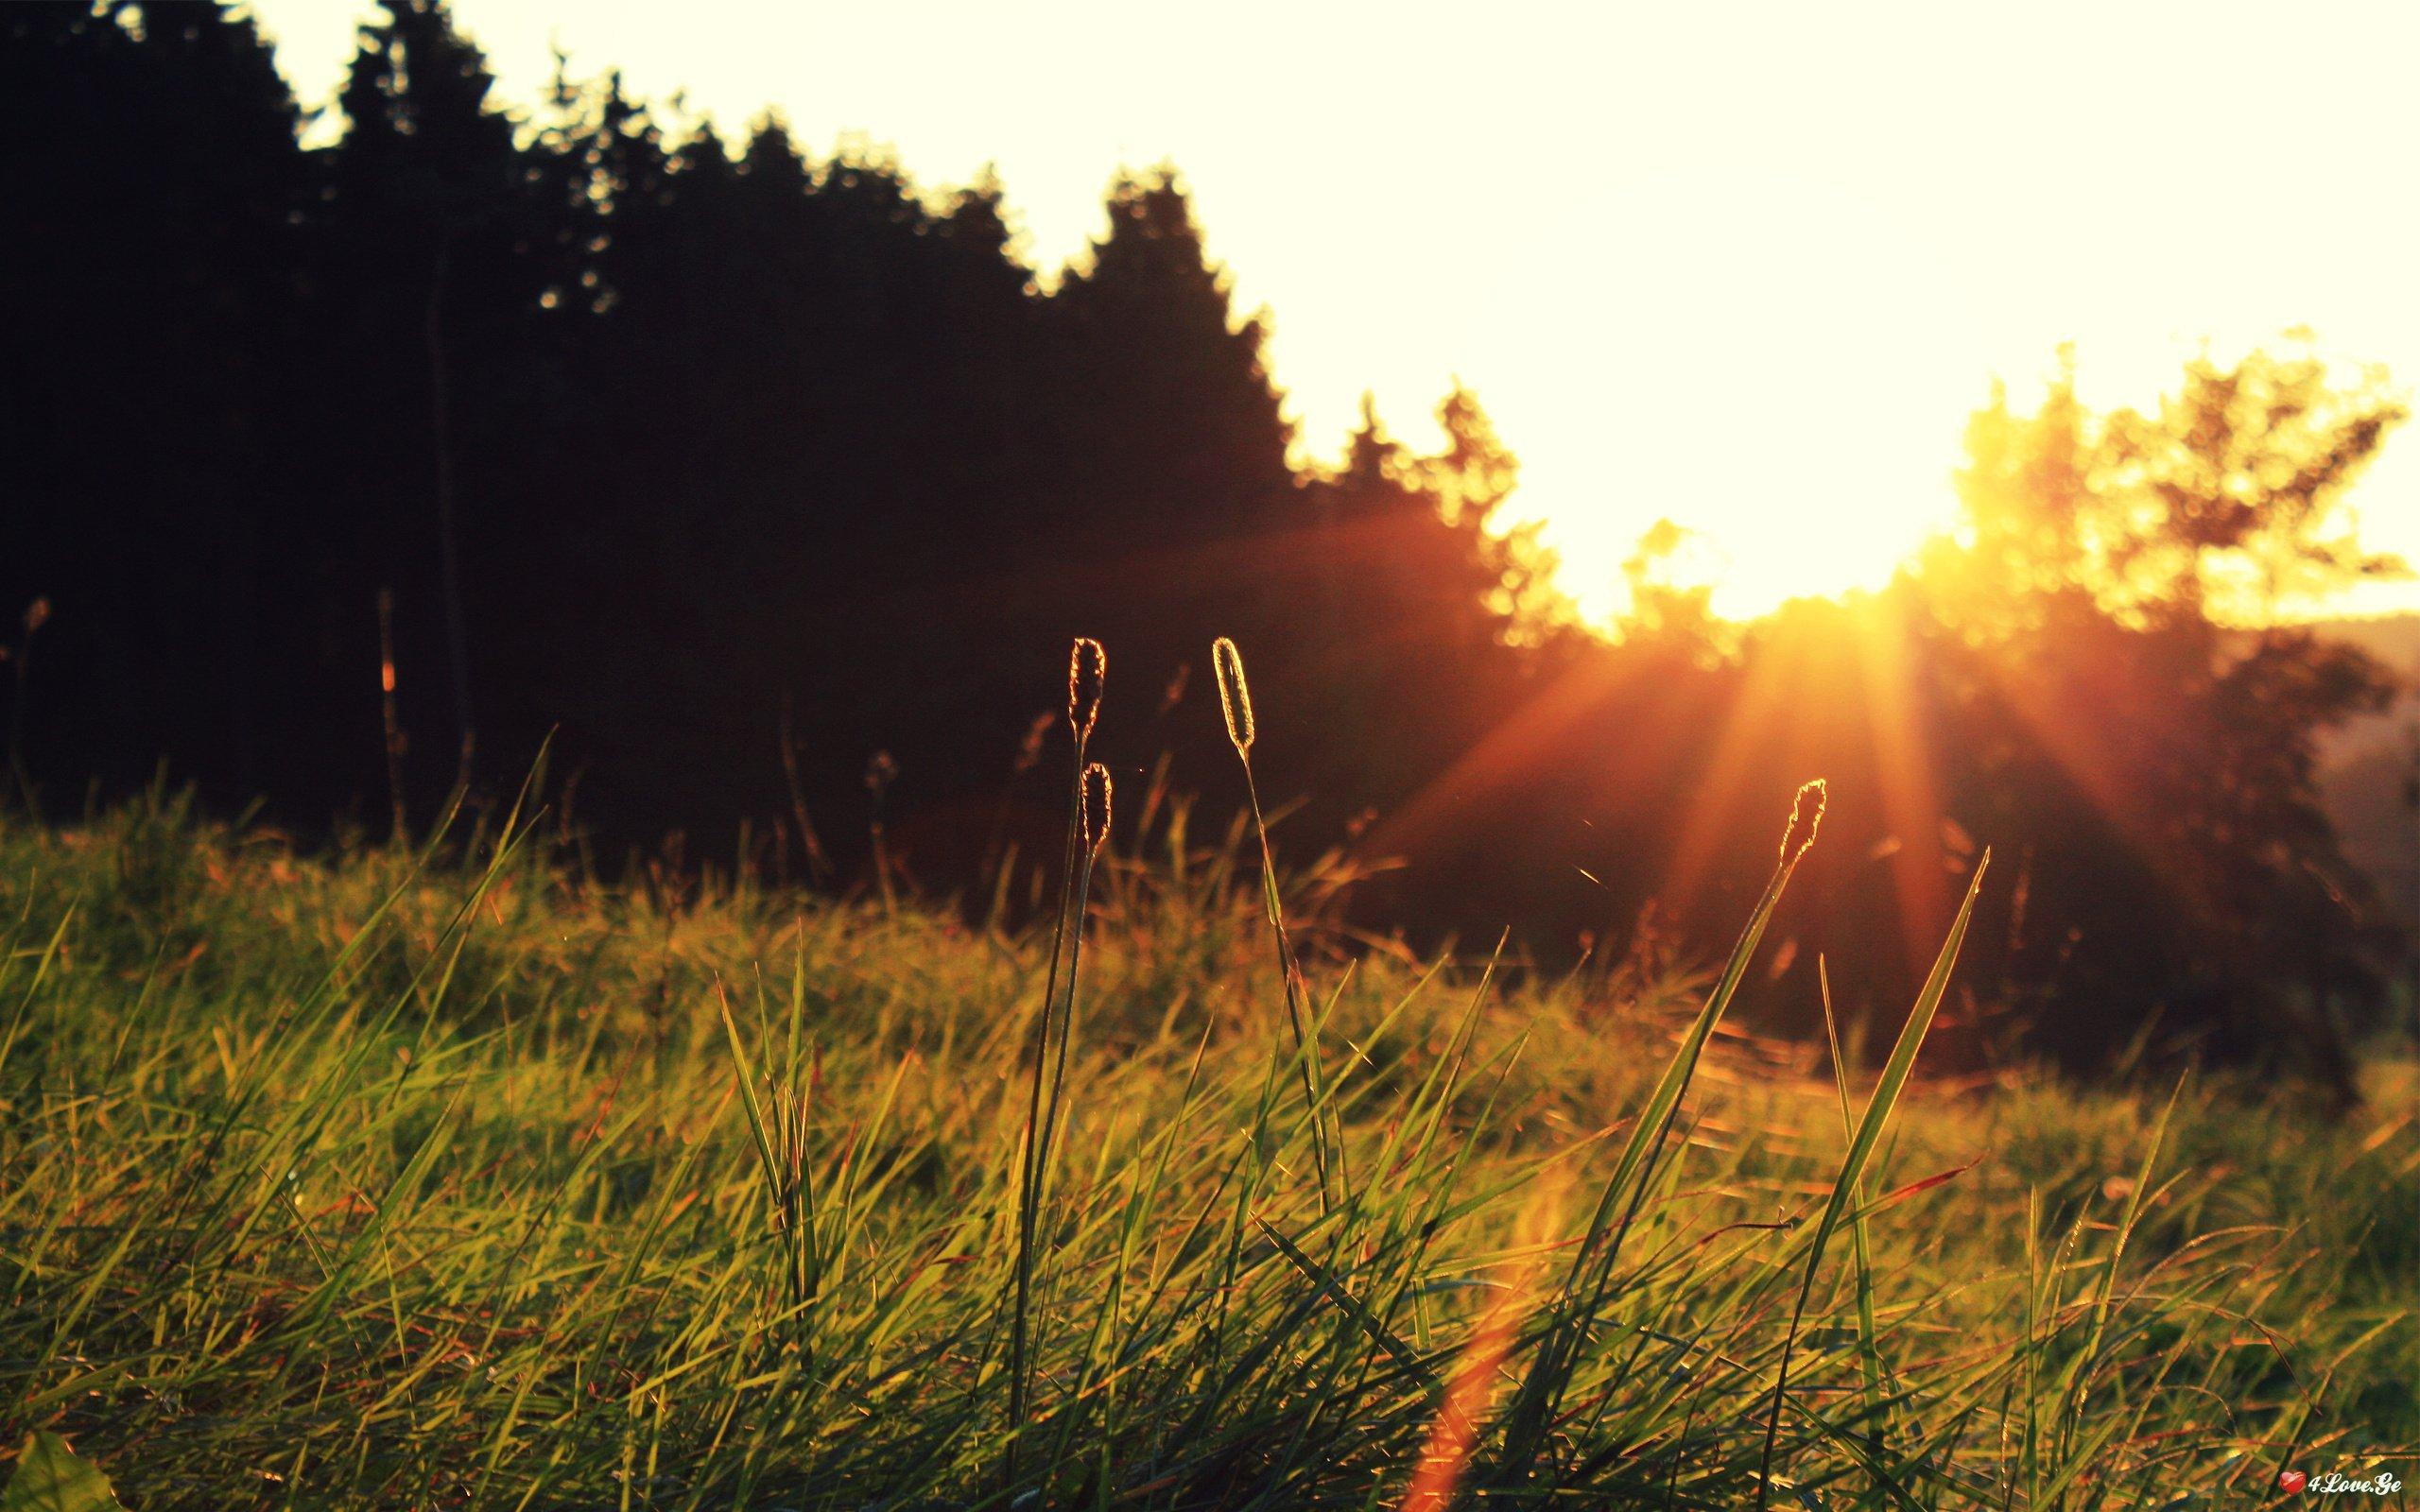 ტესტი - აირჩიე მზის ჩასვლის პეიზაჟი და გაიგე, რა არის თქვენთვის ცხოვრებაში ყველაზე მნიშვნელოვანი